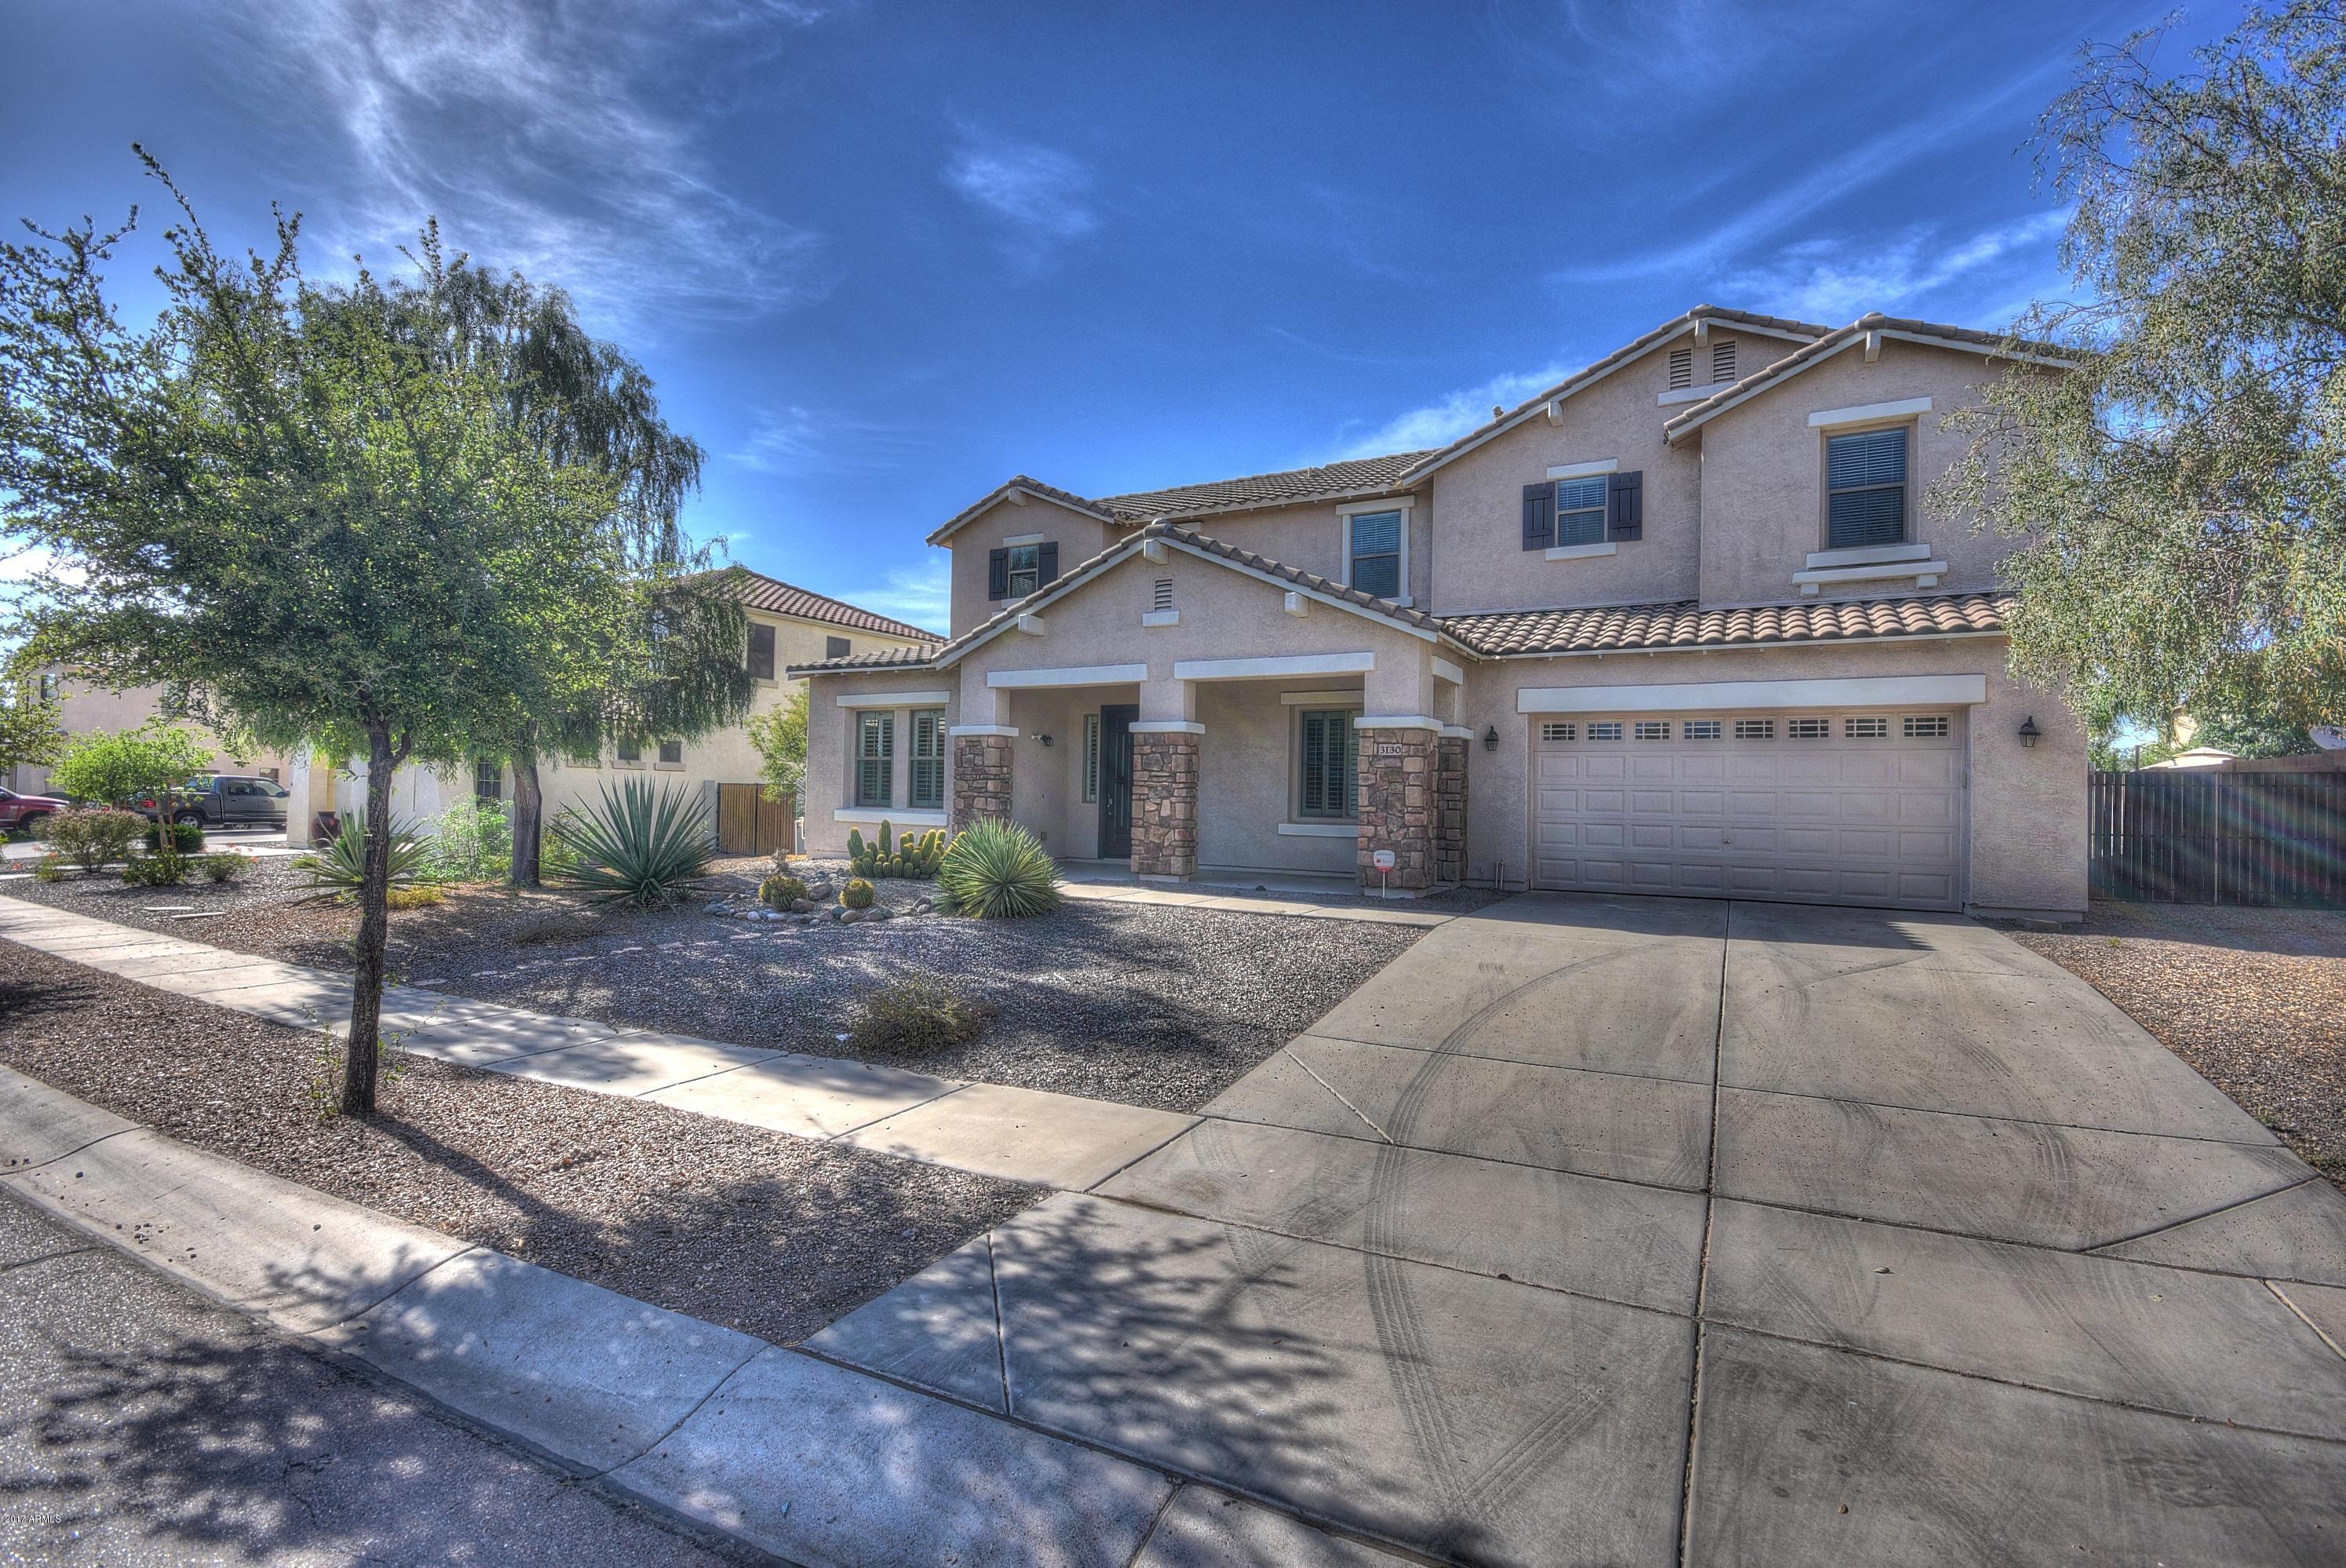 MLS 5617086 3130 E LYNX Way, Gilbert, AZ 85298 Gilbert AZ Shamrock Estates